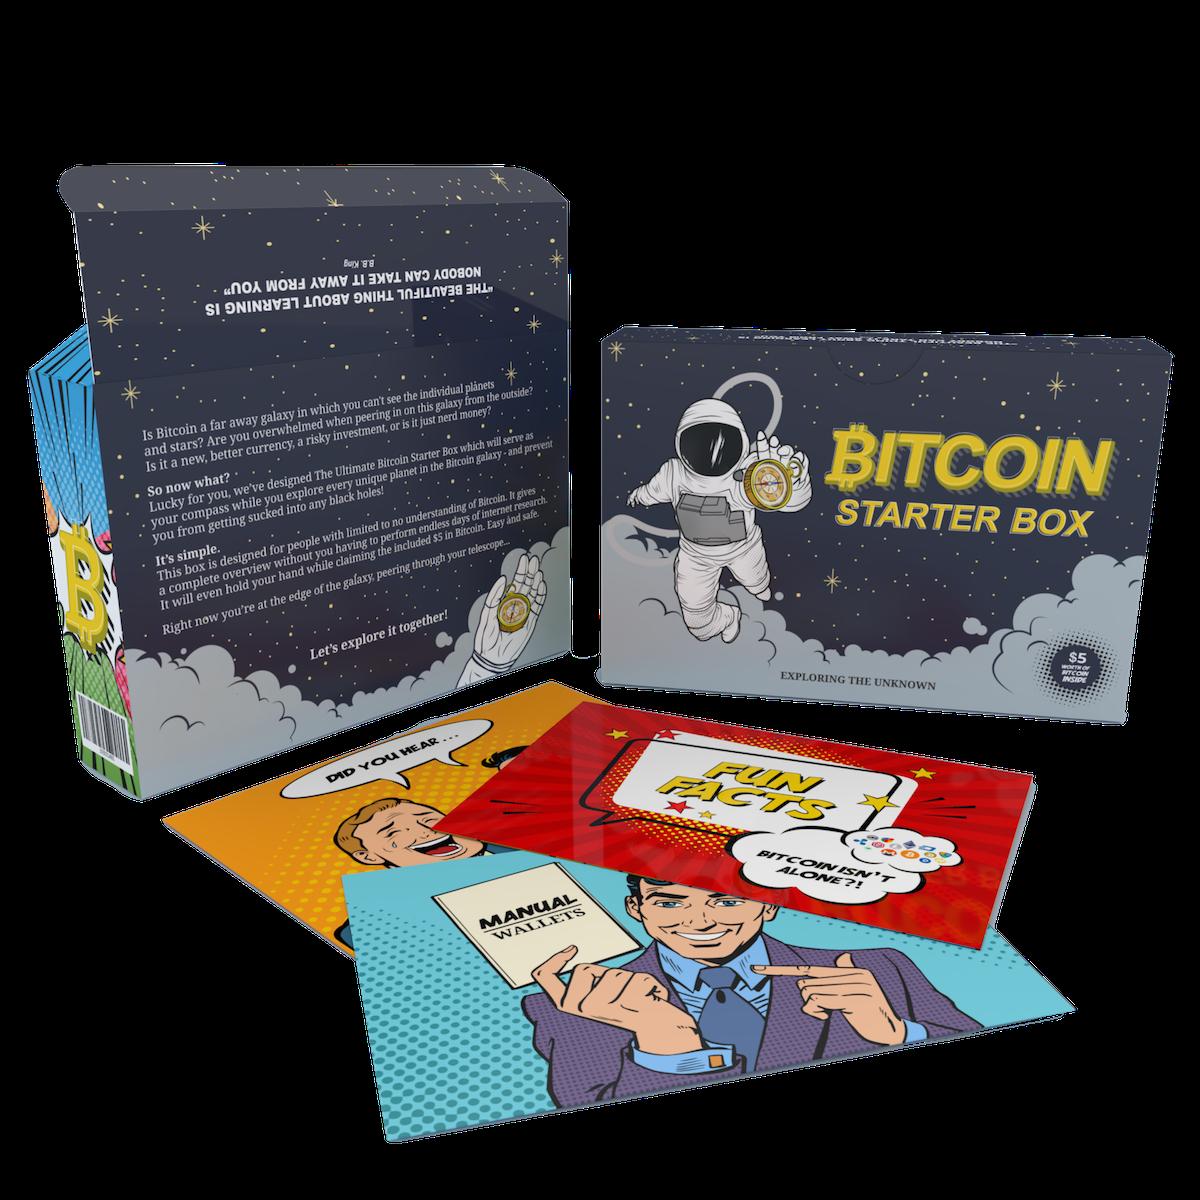 Bitcoin Starter Box back